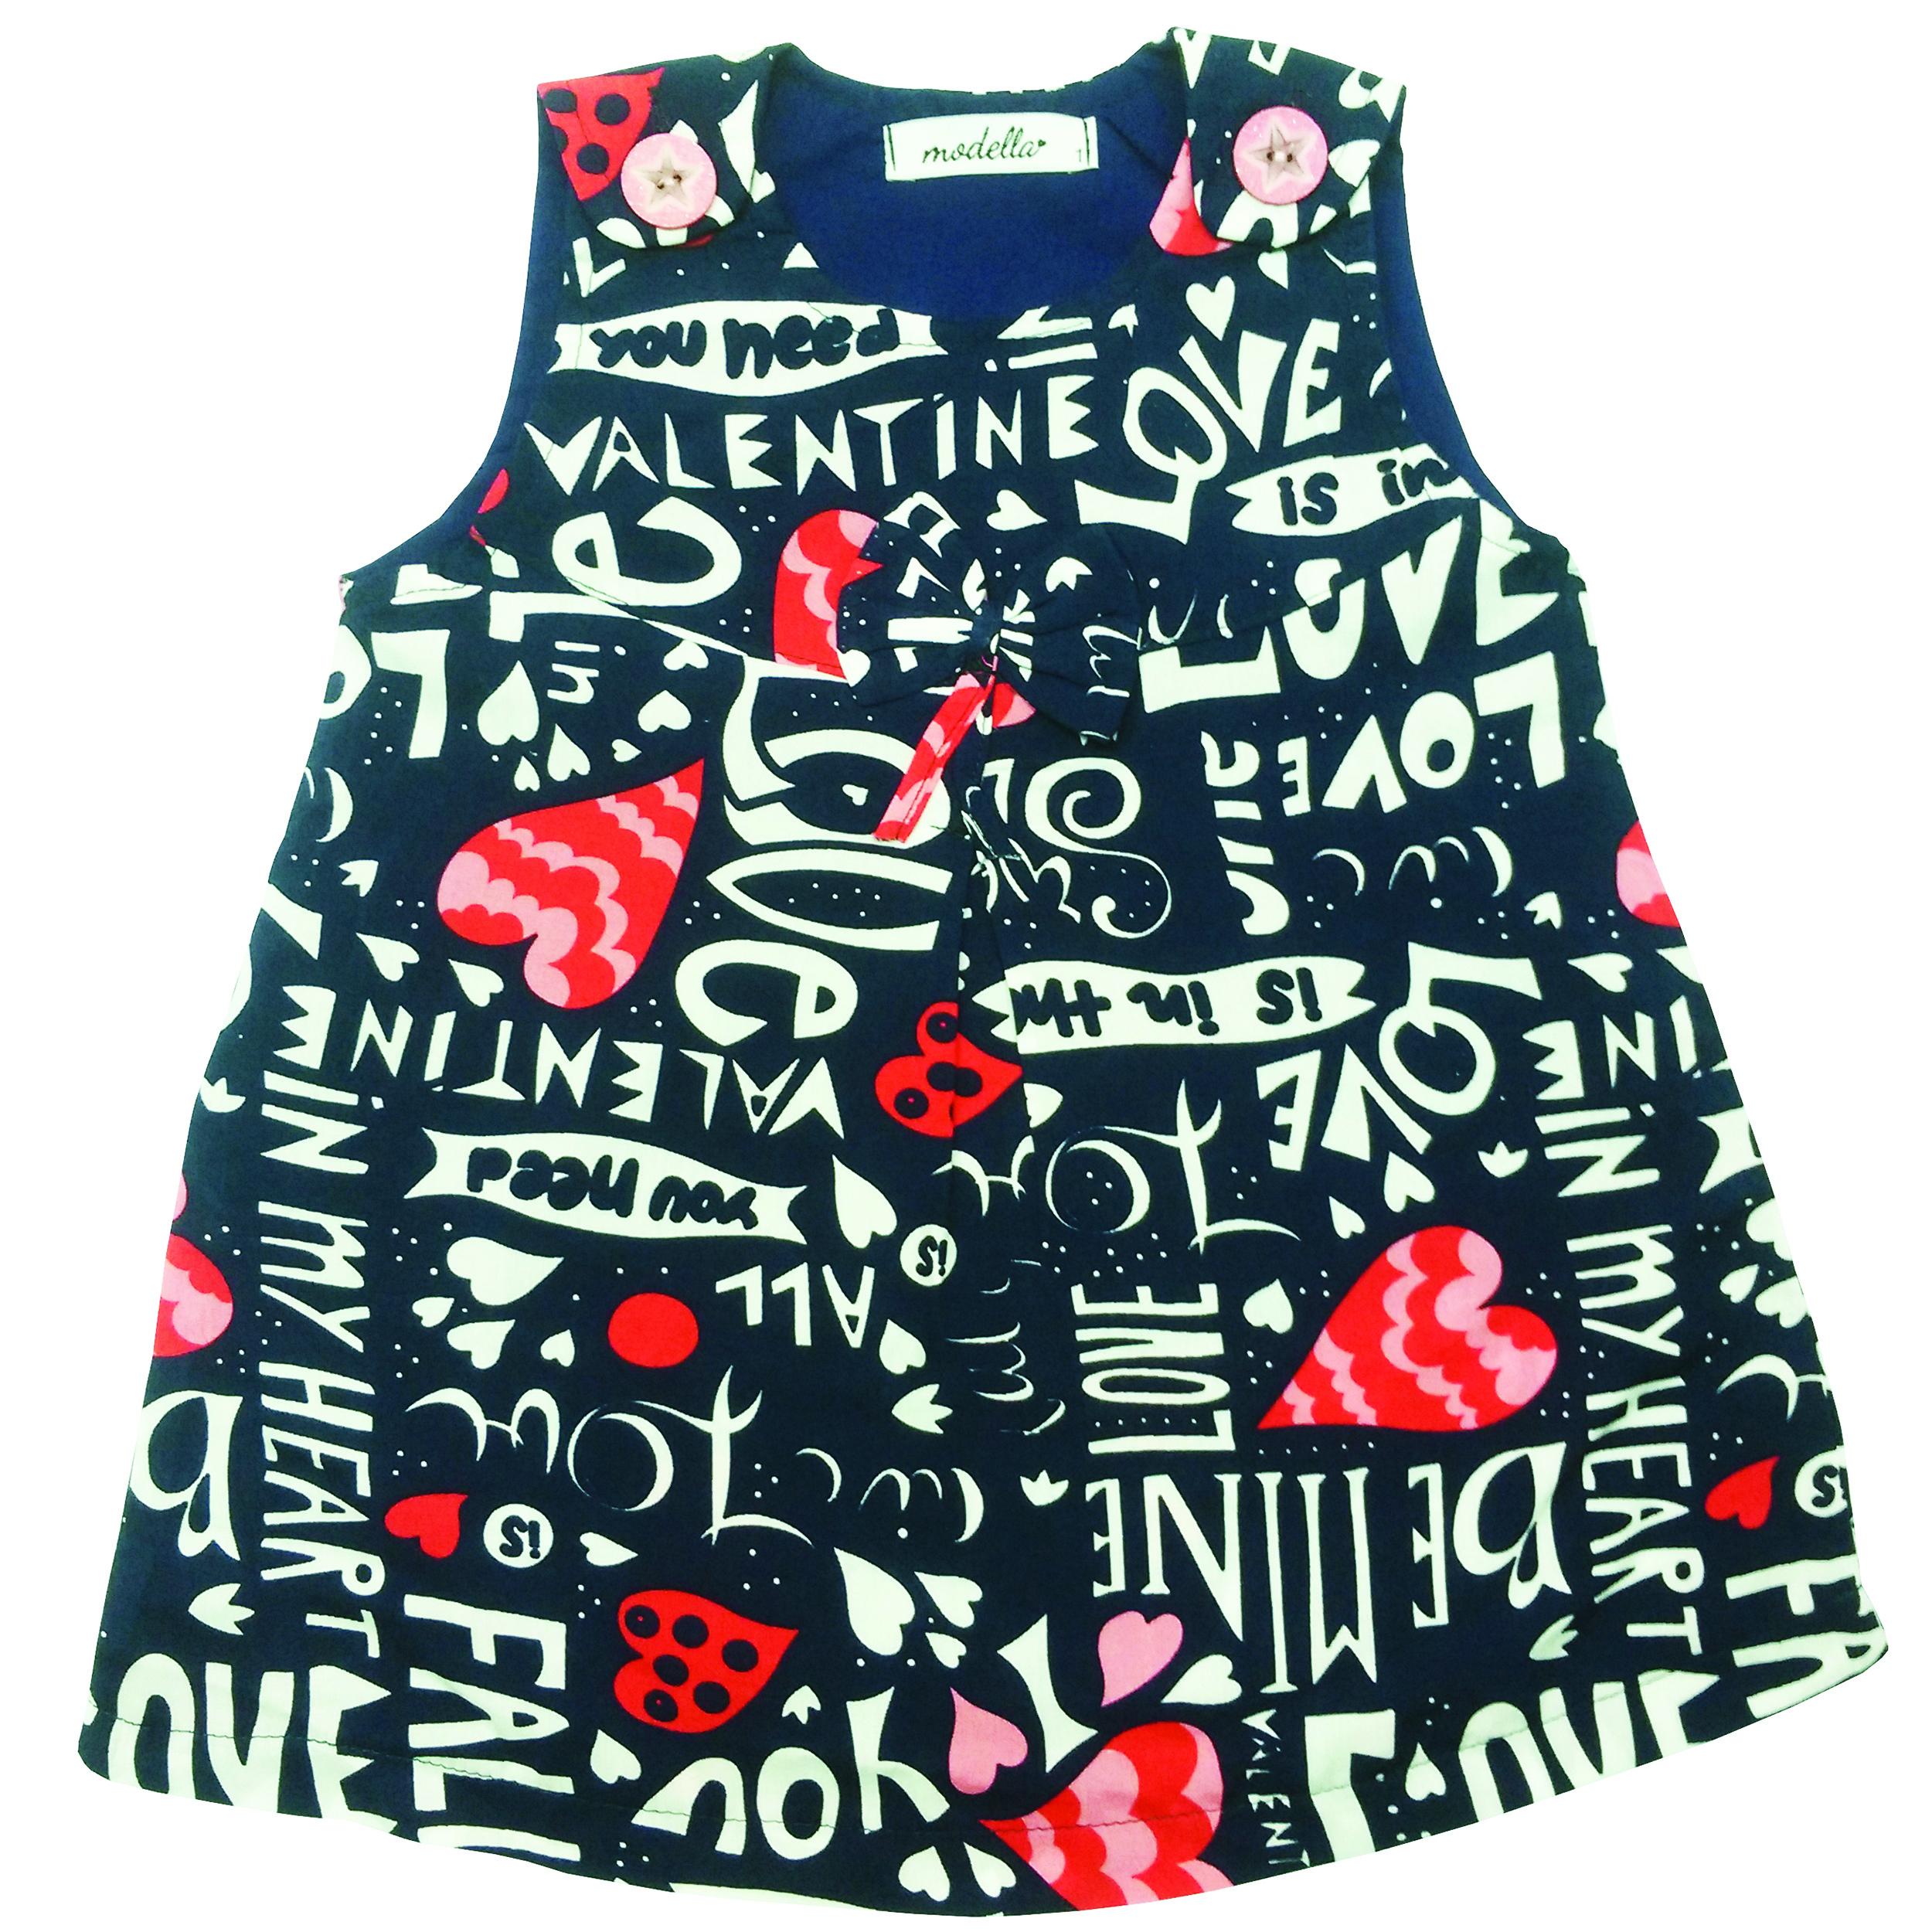 پیراهن دخترانه مدلا طرح عشق کد D1984